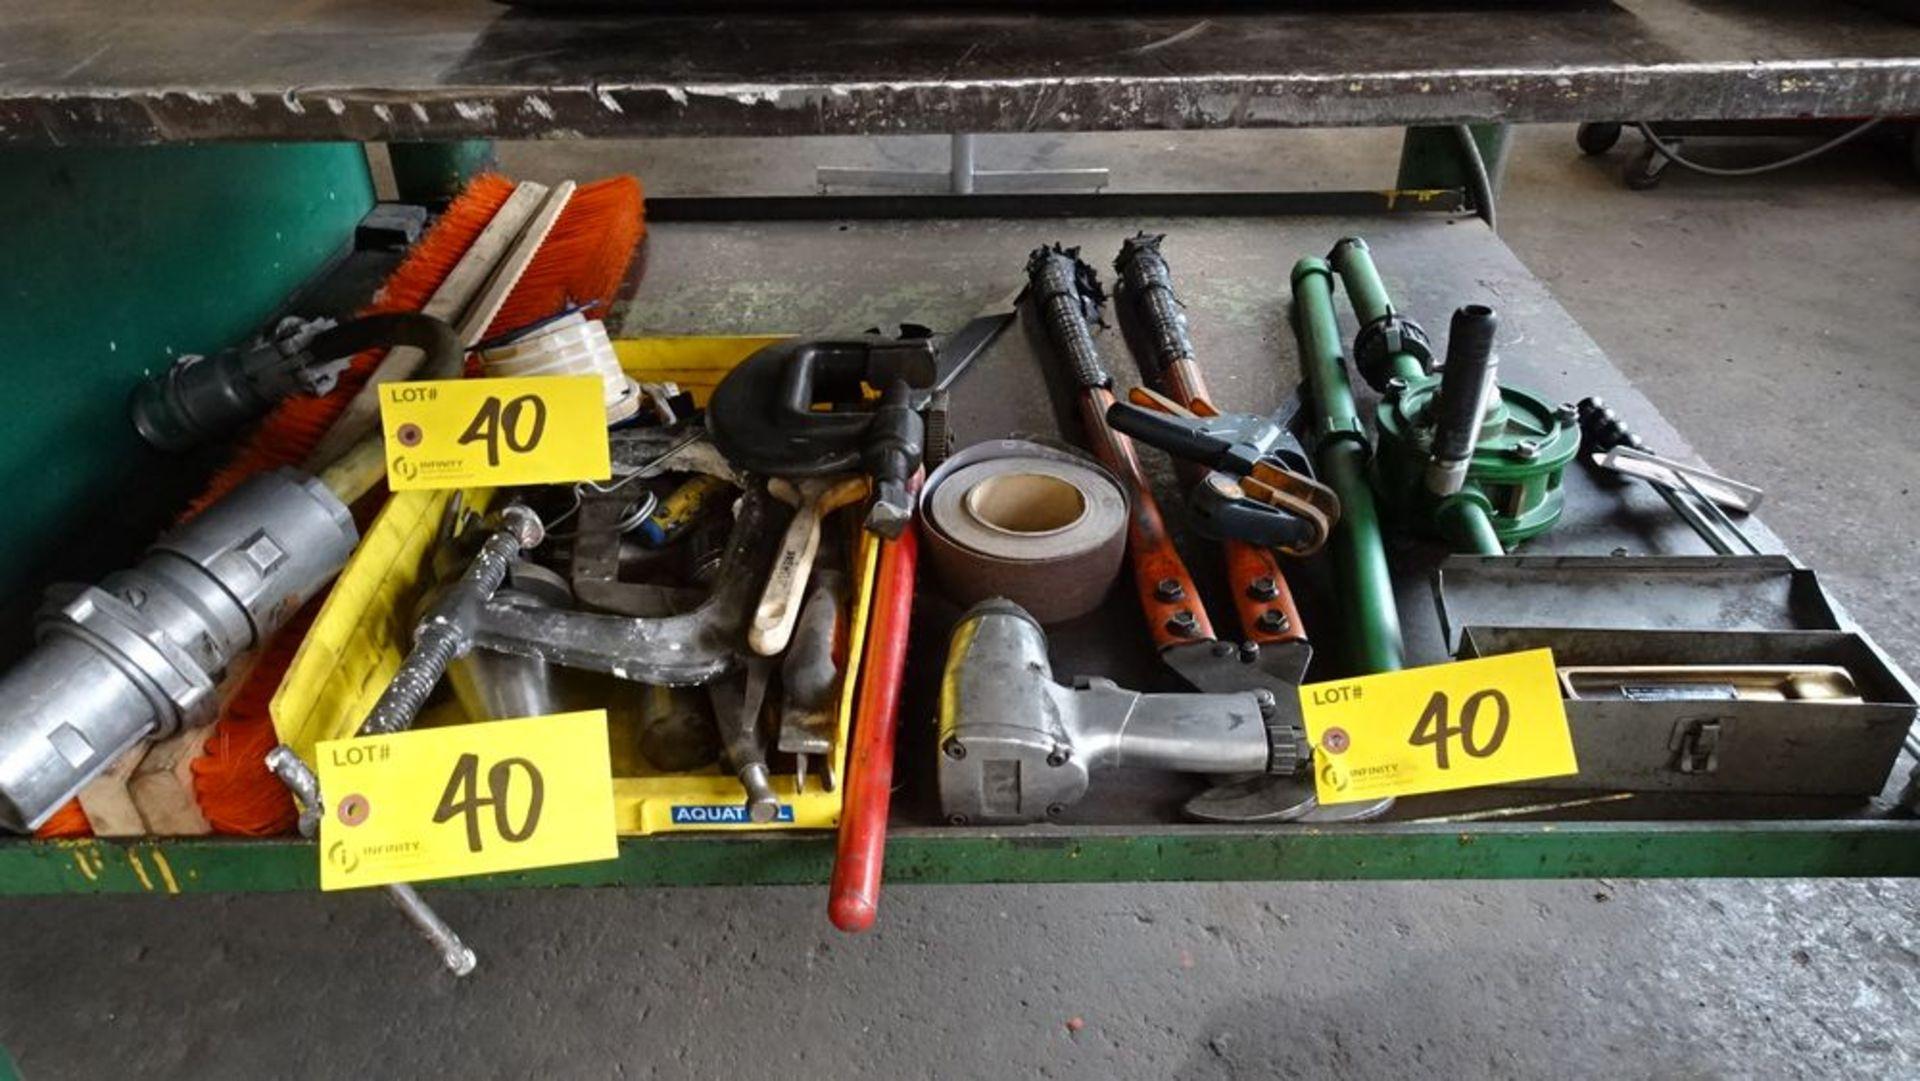 Lot 40 - ASSORTED TOOLS: CLAMPS, IMPACT GUN, CUTTER, HAND PUMP & GAS CUTTER